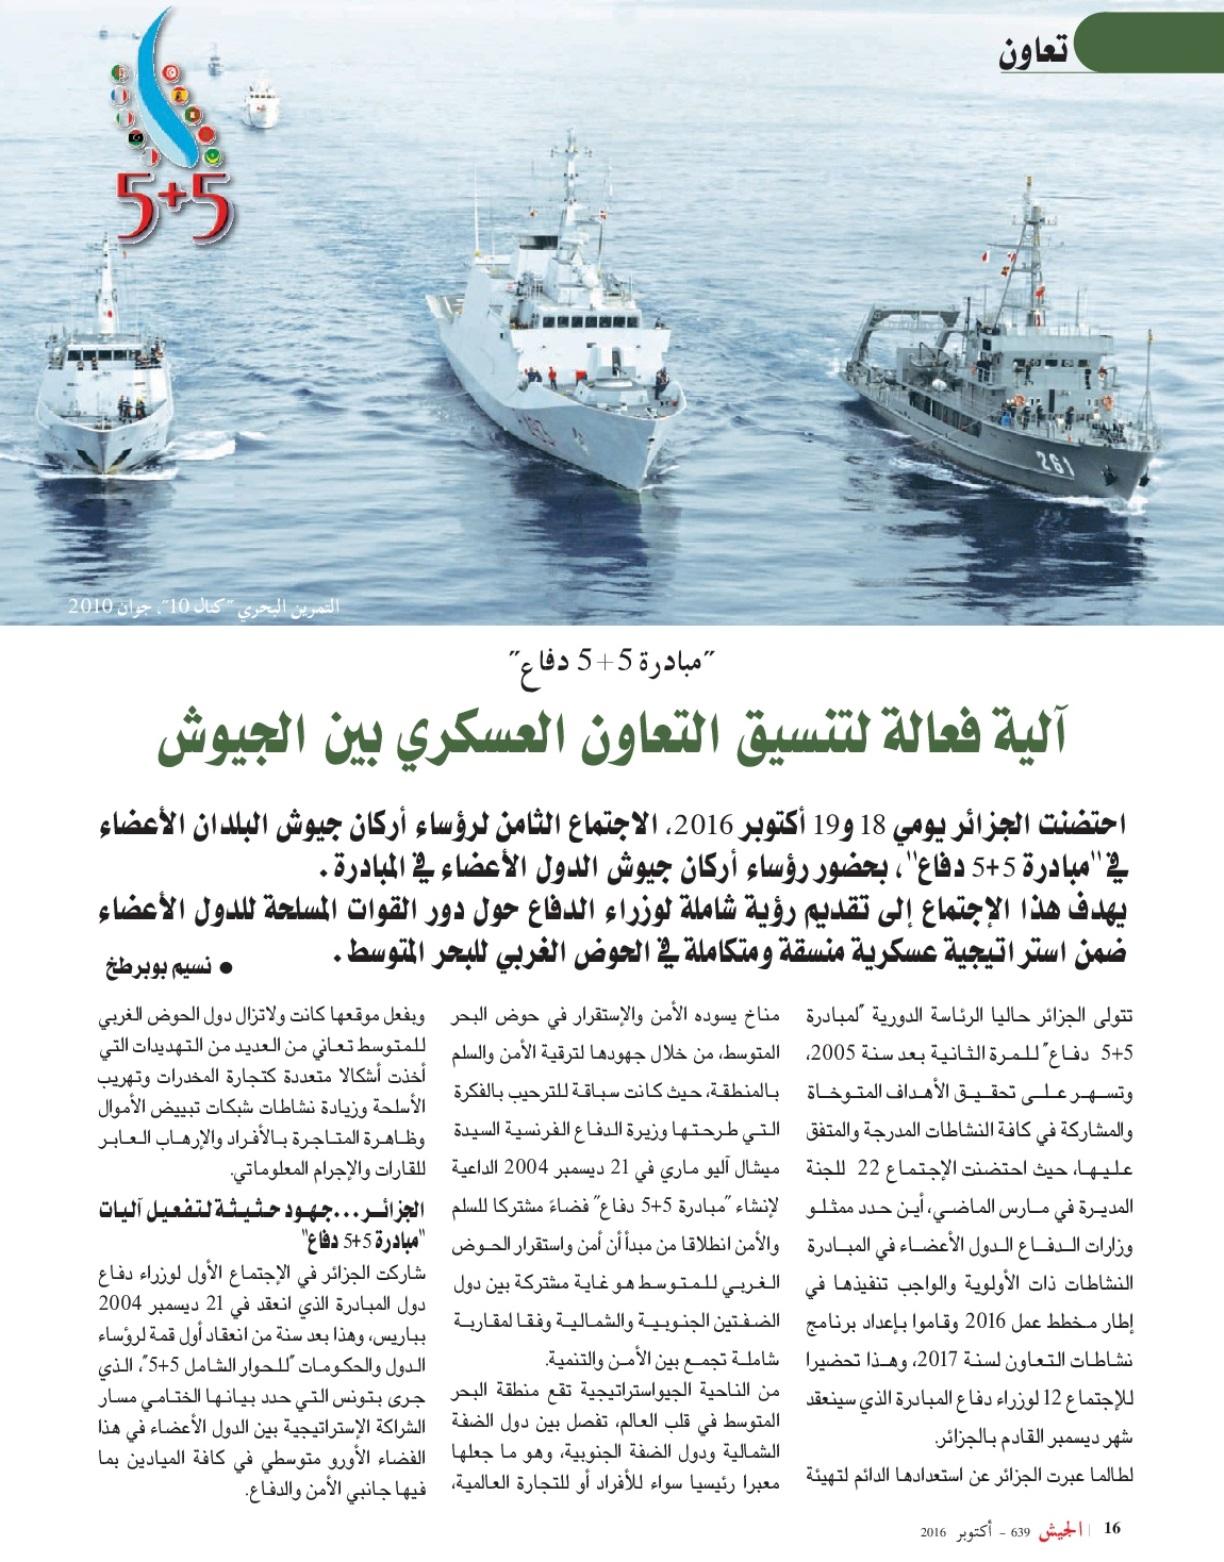 الجزائر : صلاحيات نائب وزير الدفاع الوطني - صفحة 5 30156168233_eb4d650eca_o